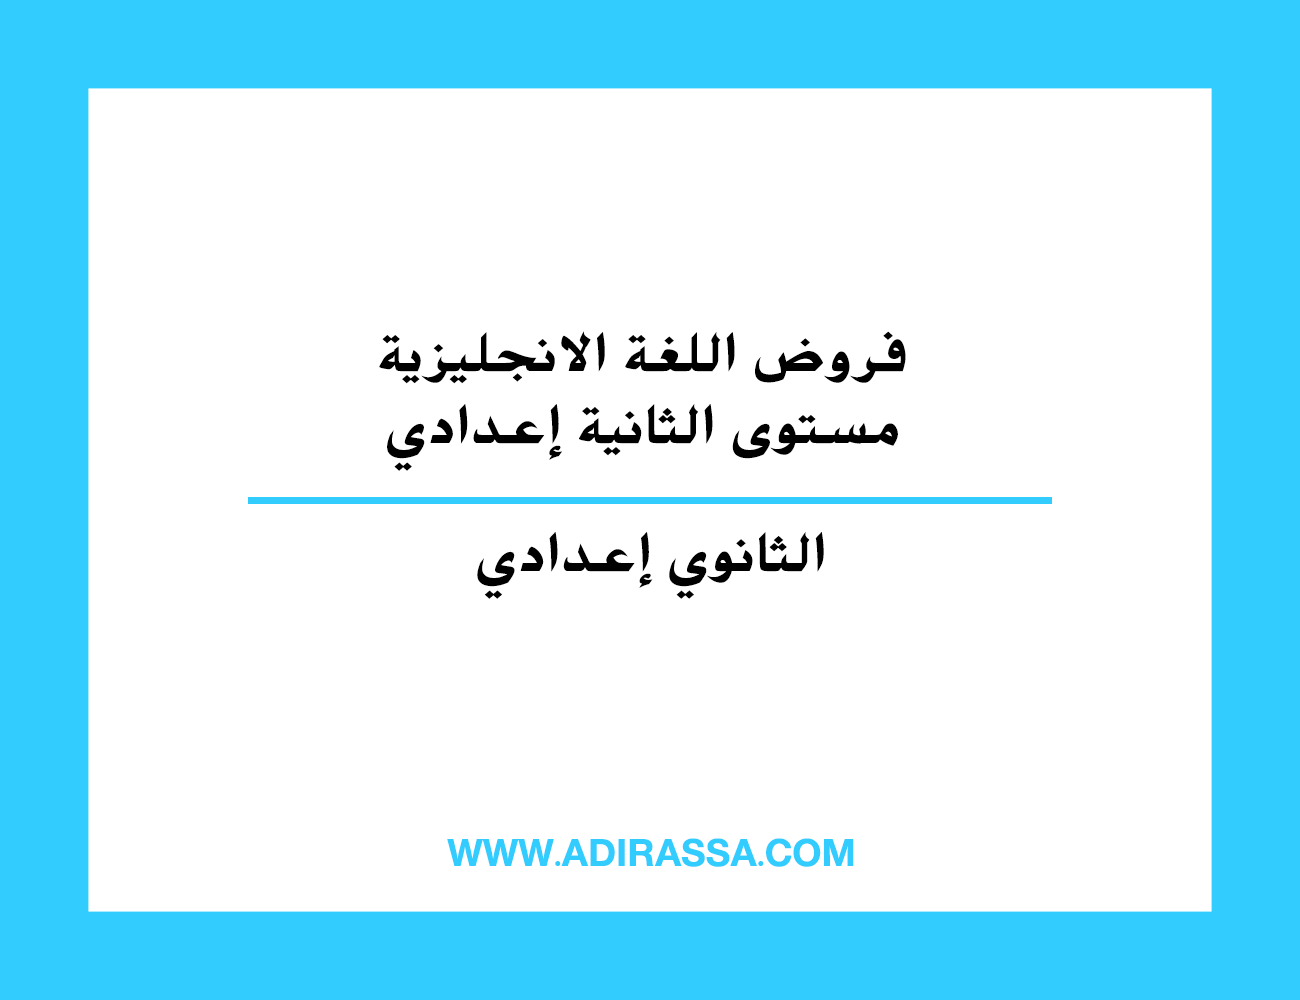 فروض اللغة الانجليزية مستوى الثانية إعدادي المقررة في المدرسة المغربية